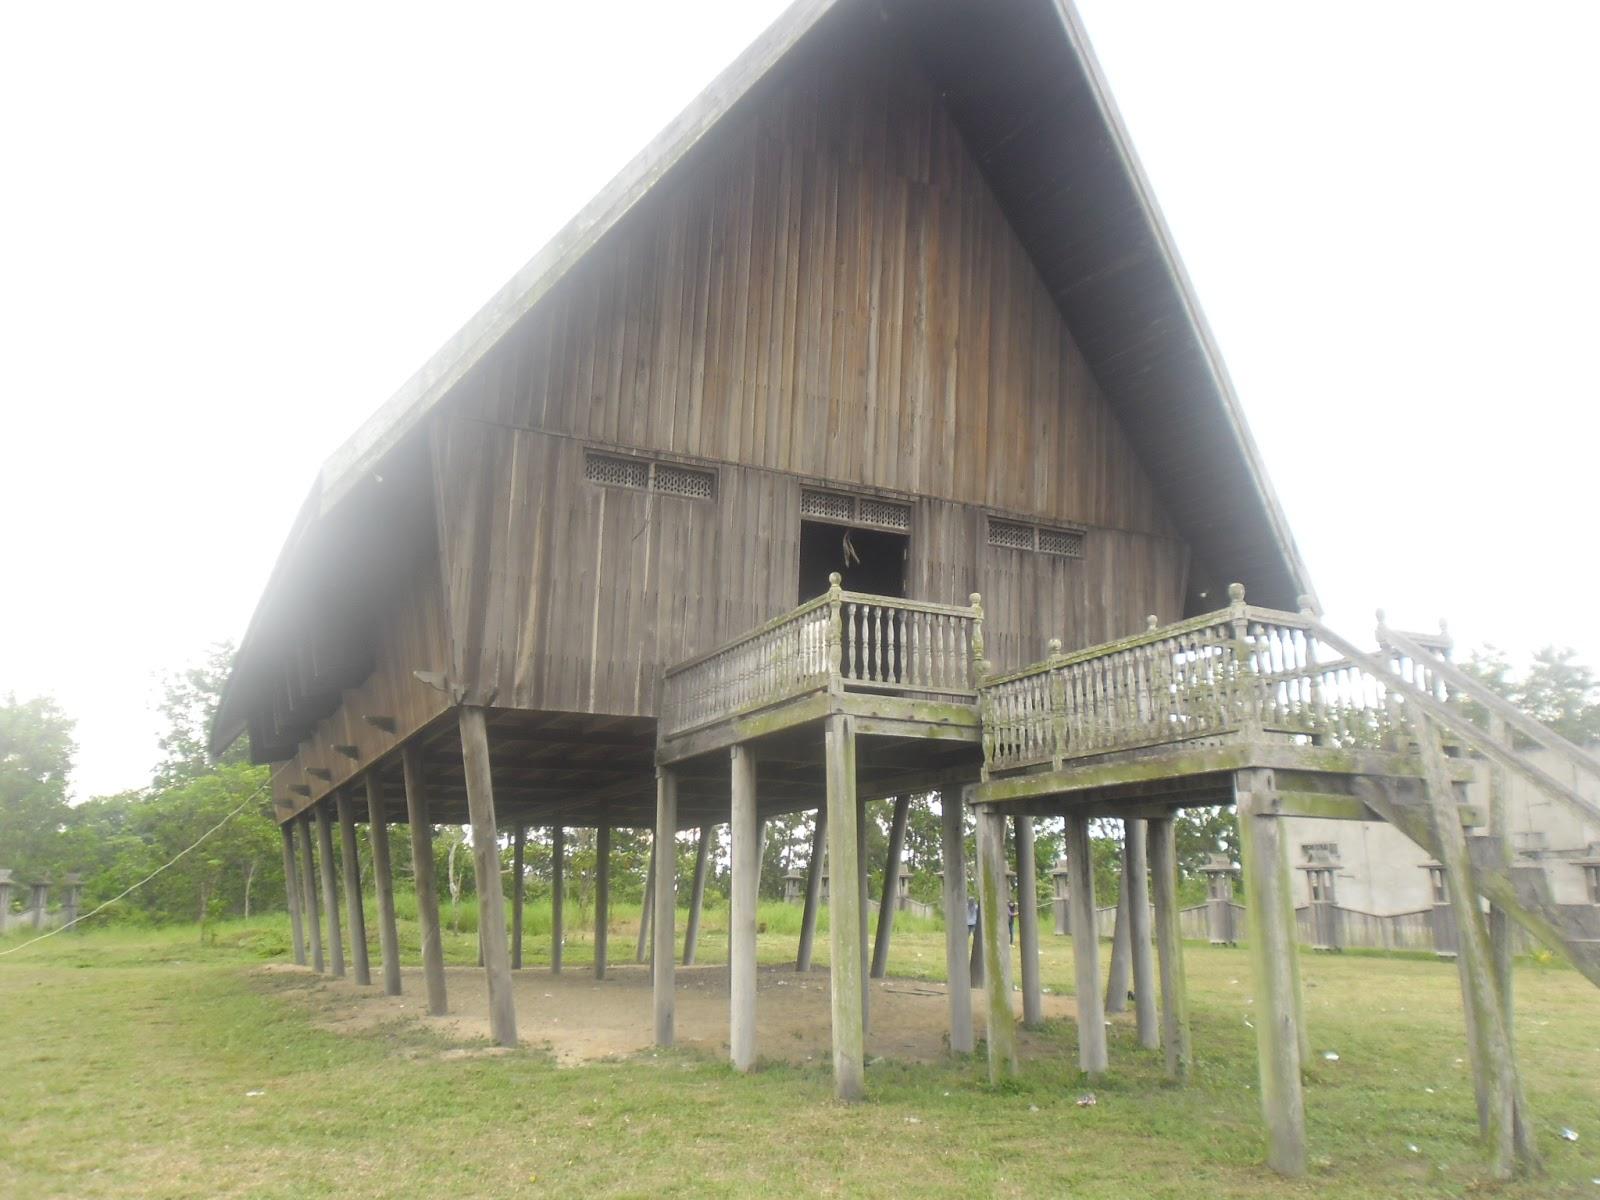 Sejarah Dan Budaya Adat Desa Dayak Pasir Panjang